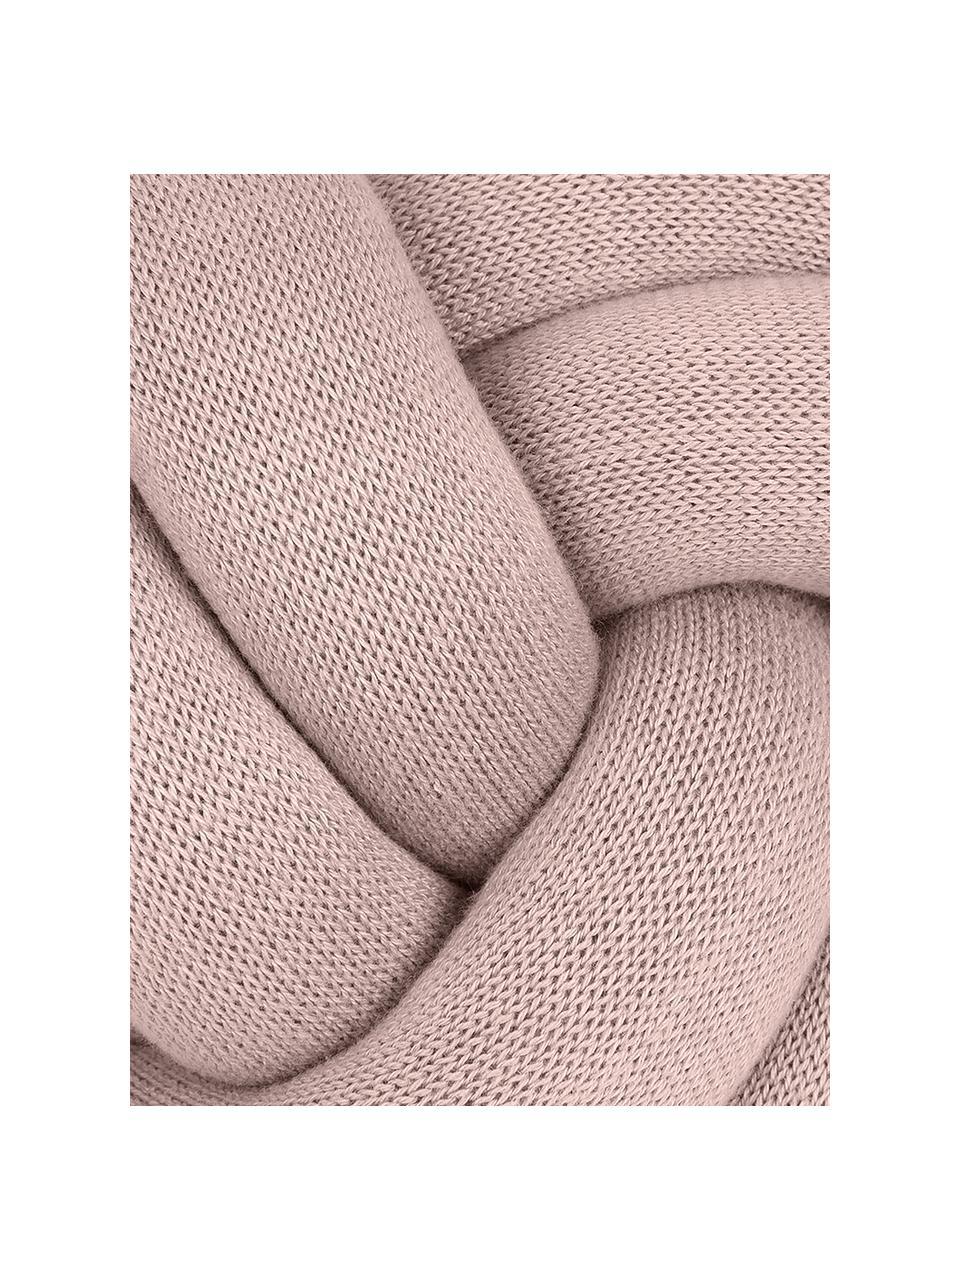 Geknoopt kussen Twist in roze, Roze, Ø 30 cm